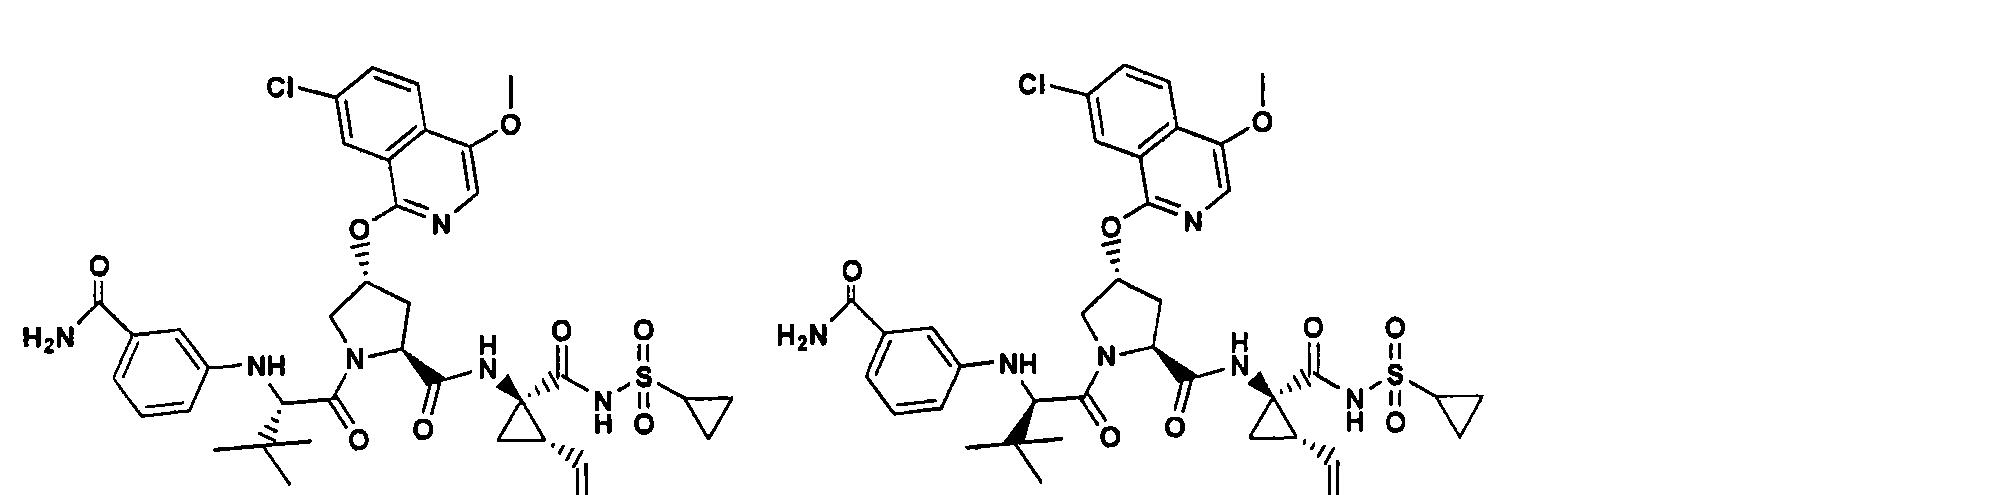 Figure CN101541784BD01432